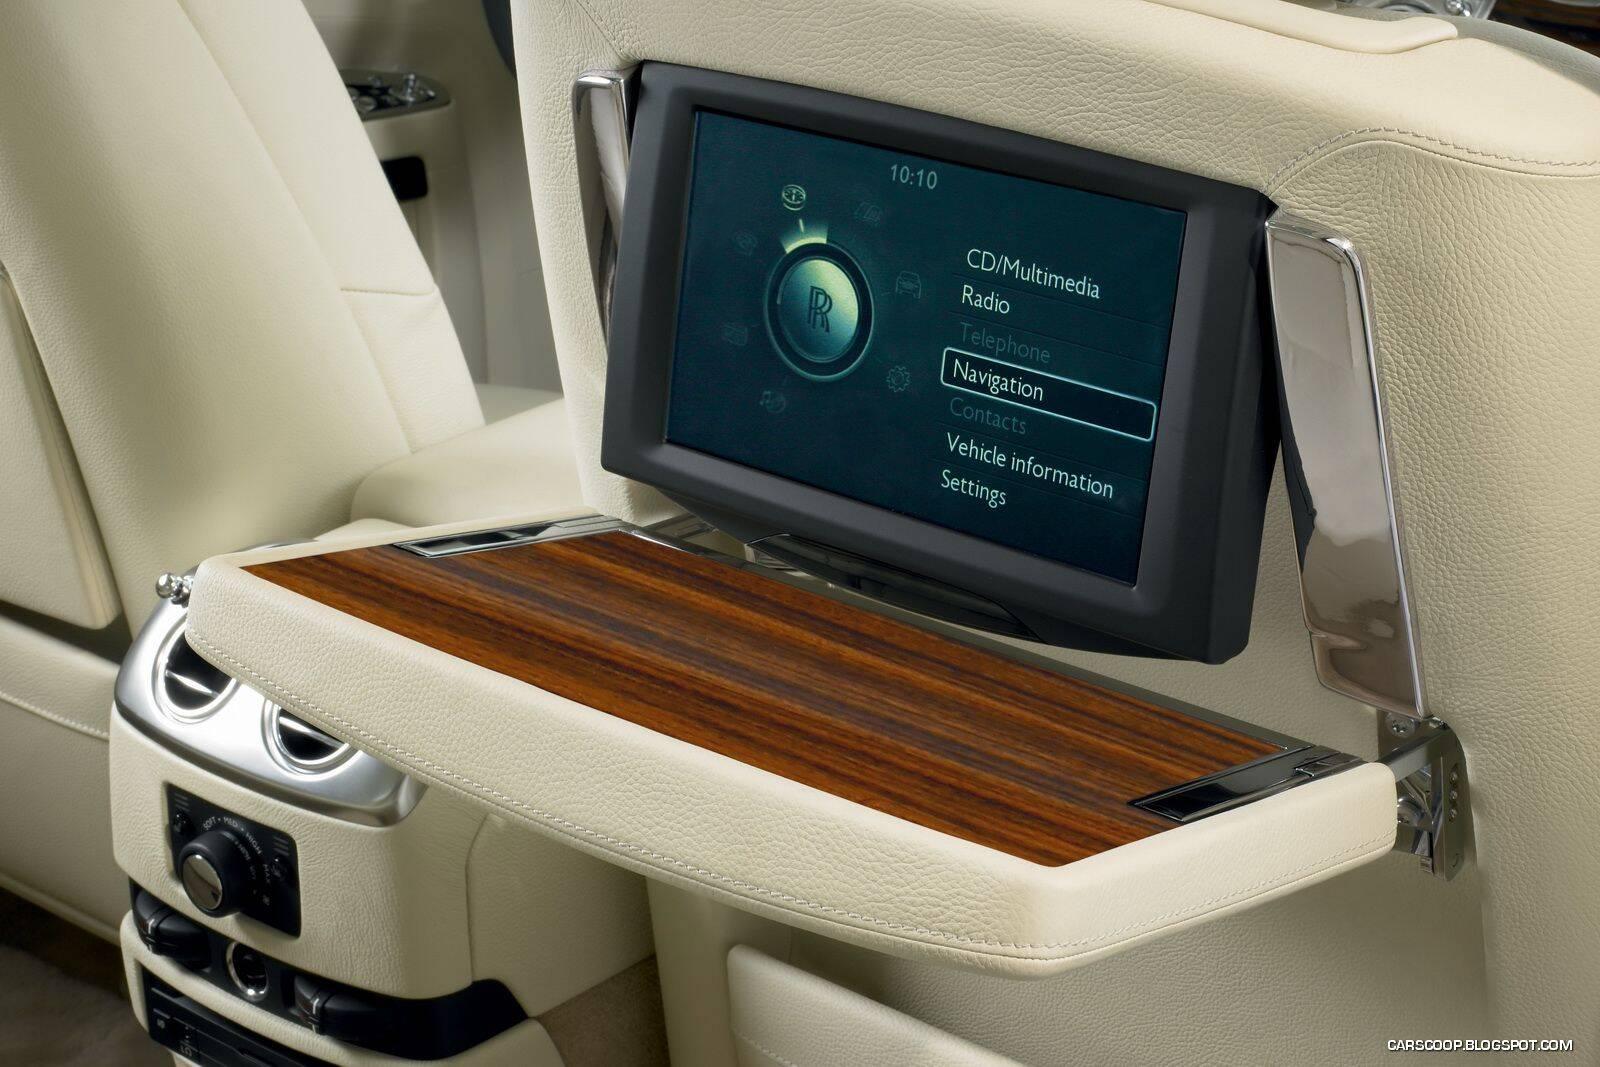 Tecnologia e conforto unidas nos carros da marca inglesa. Foto: Divulgação